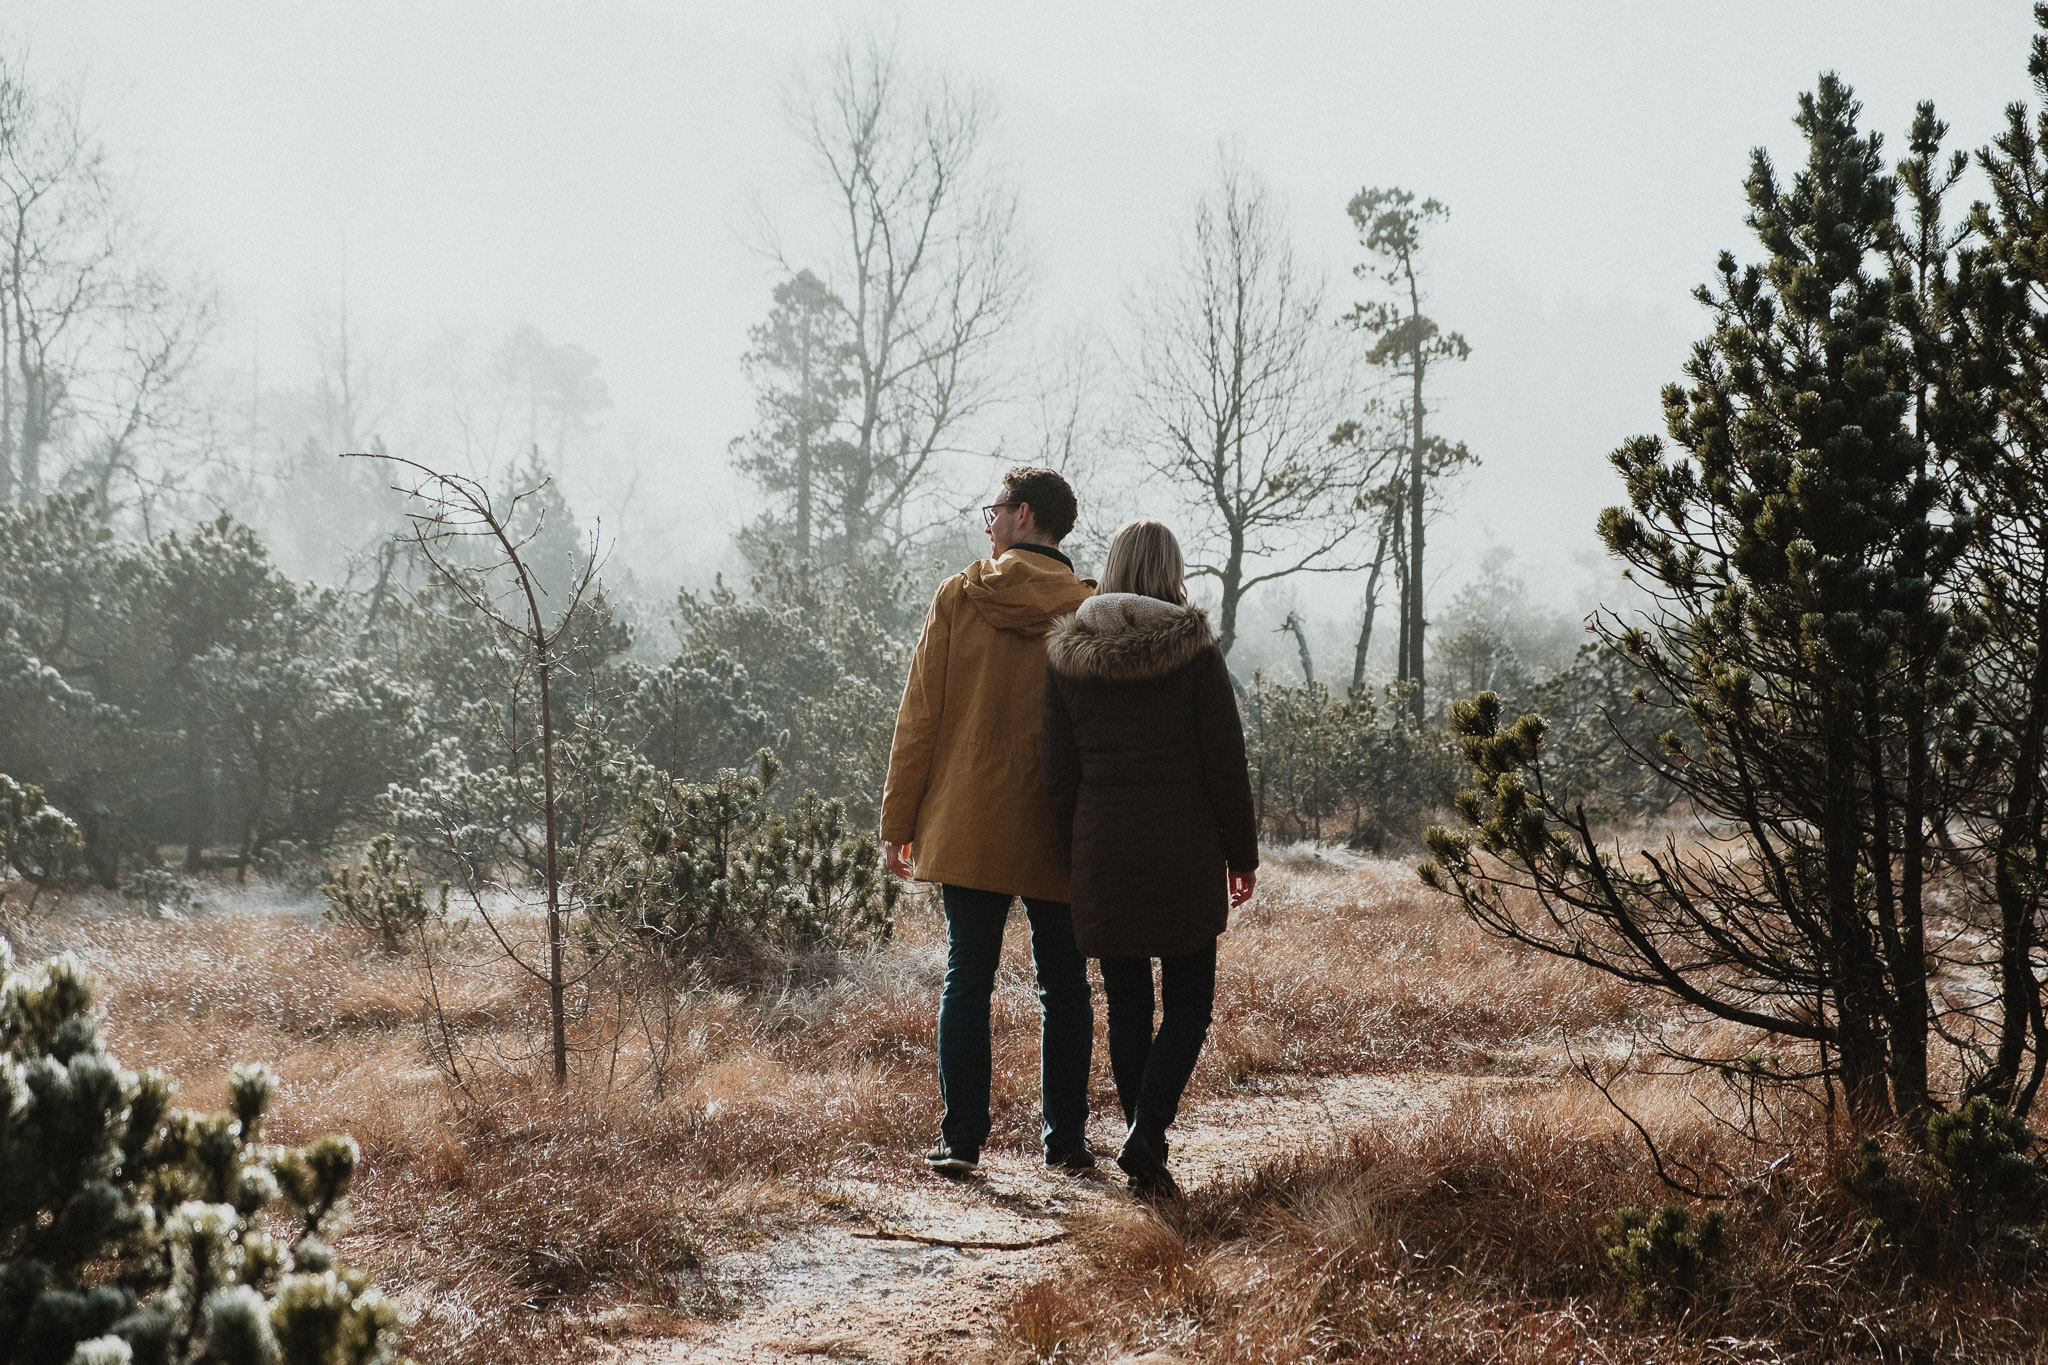 Coupleshooting, Paarfotos, Bodensee, Österreich, Vorarlberg, Lichtenstein, Süddetuschland, Hochzeitsfotograf Michael Nussbaumer